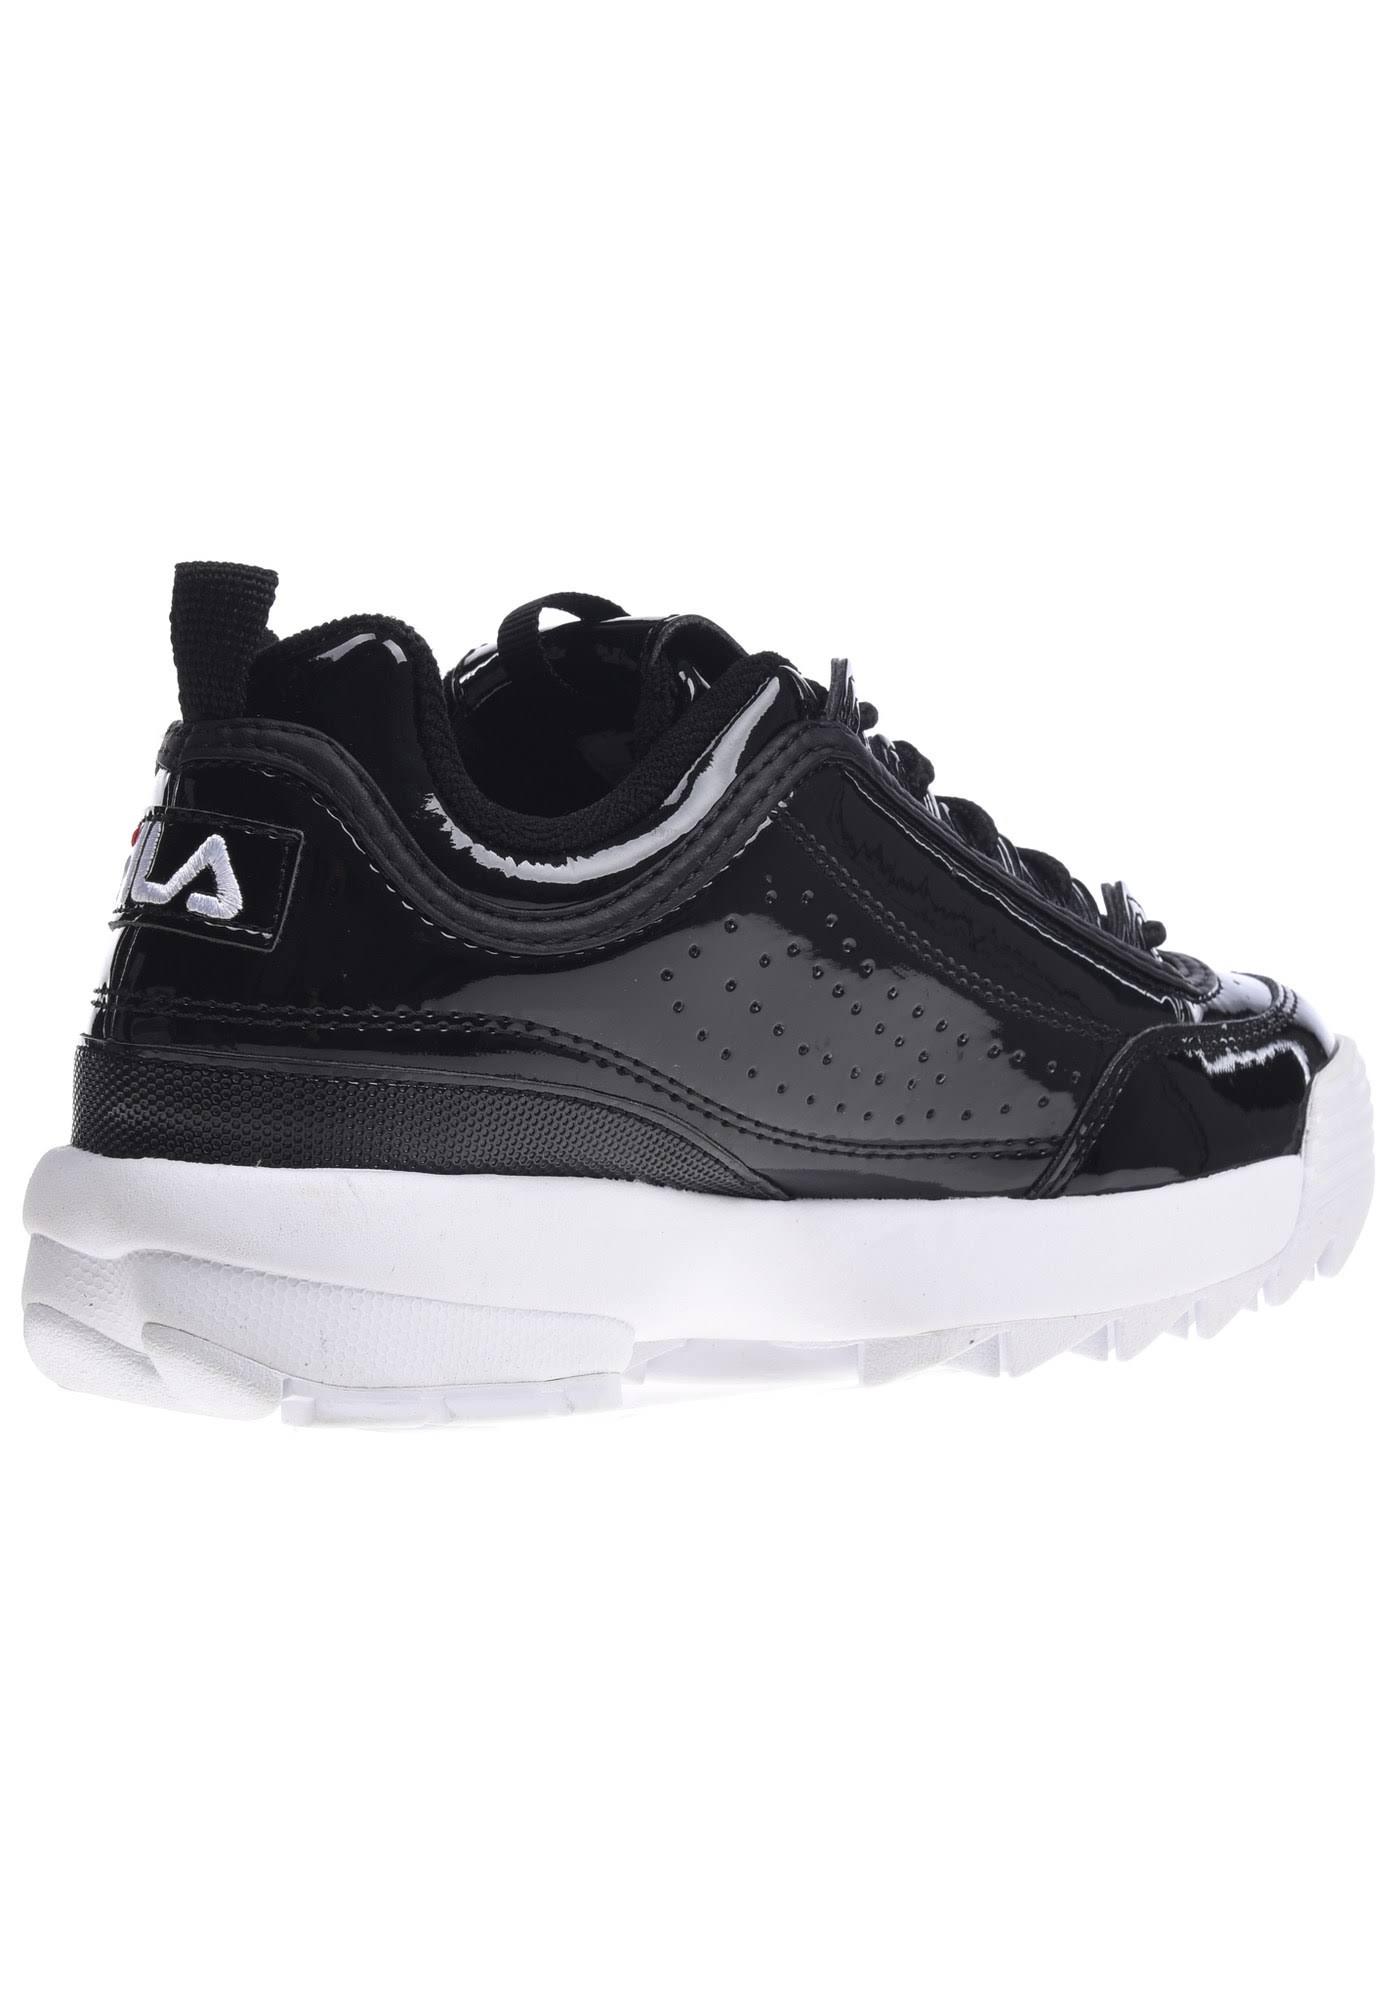 Schwarz Black Low Größe Schuhe Damen 39 Fila Disruptor Sneaker wgz0PP